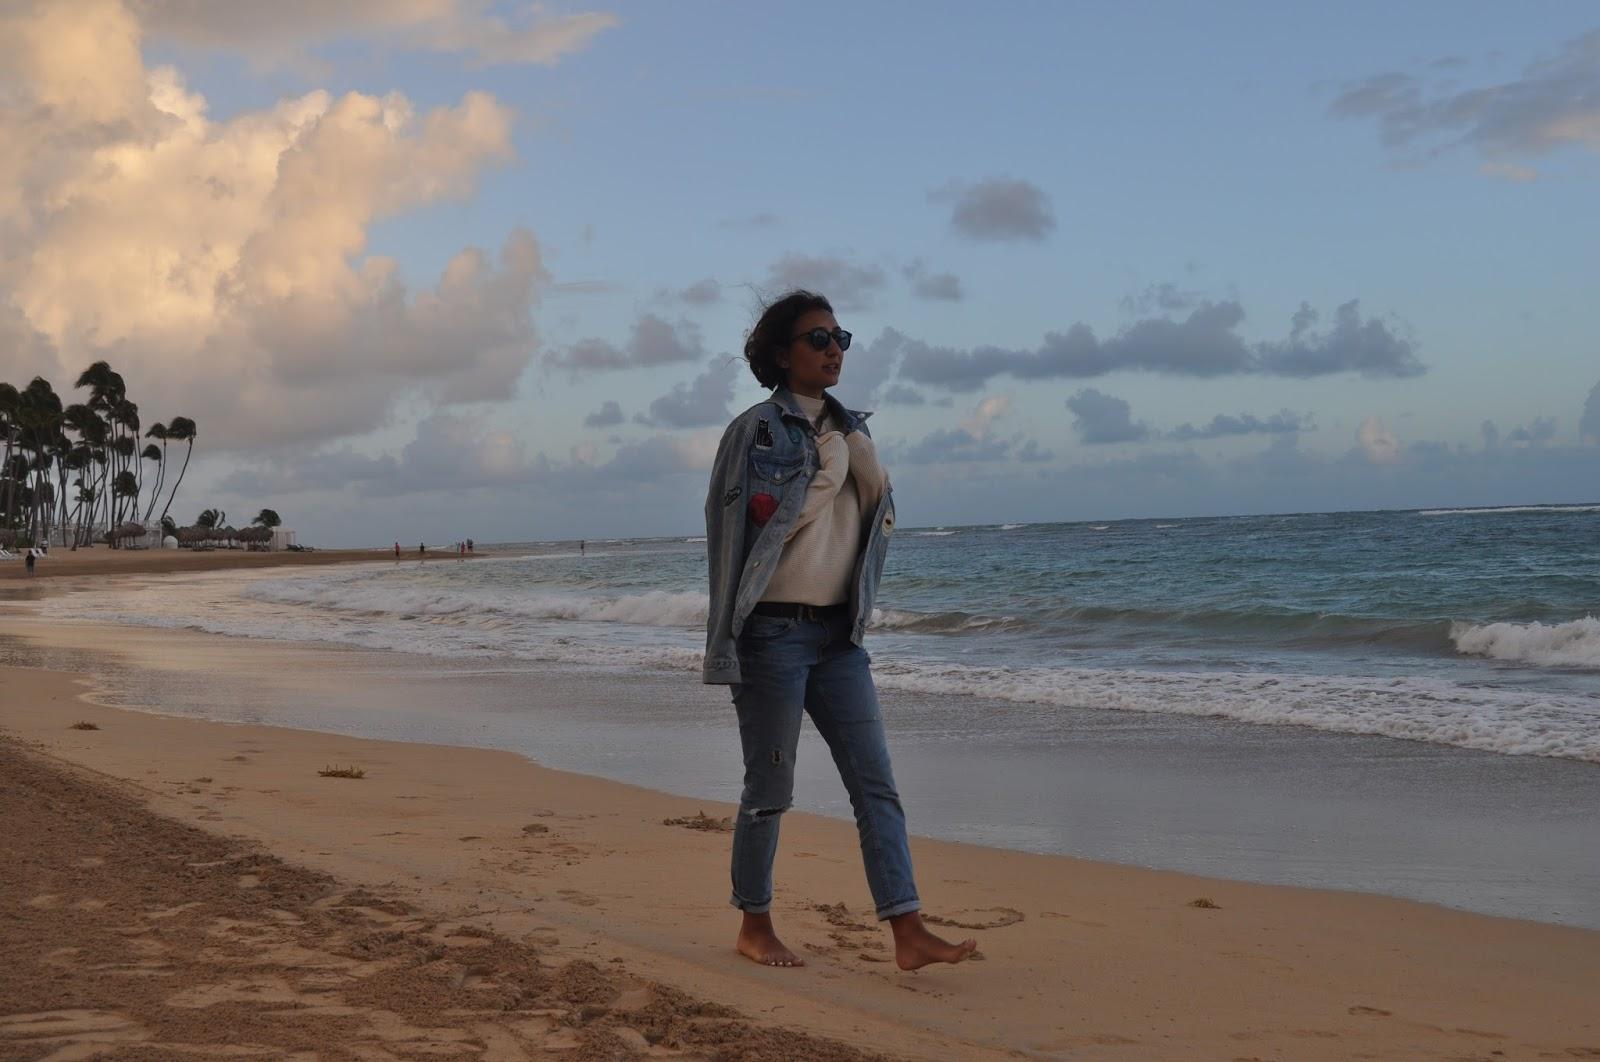 blog blogger blogging comment augmenter son lectorat mode fashion lifestyle comment développer son blog faire connaitre son blog l'importance des réseaux sociaux aggrandir les lecteurs toucher plus de monde référencement SEO punta cana jeans coupe parfaite trouver le bon jeans veste en jean broderies sandale s'habiller à la plage quand il fait beau